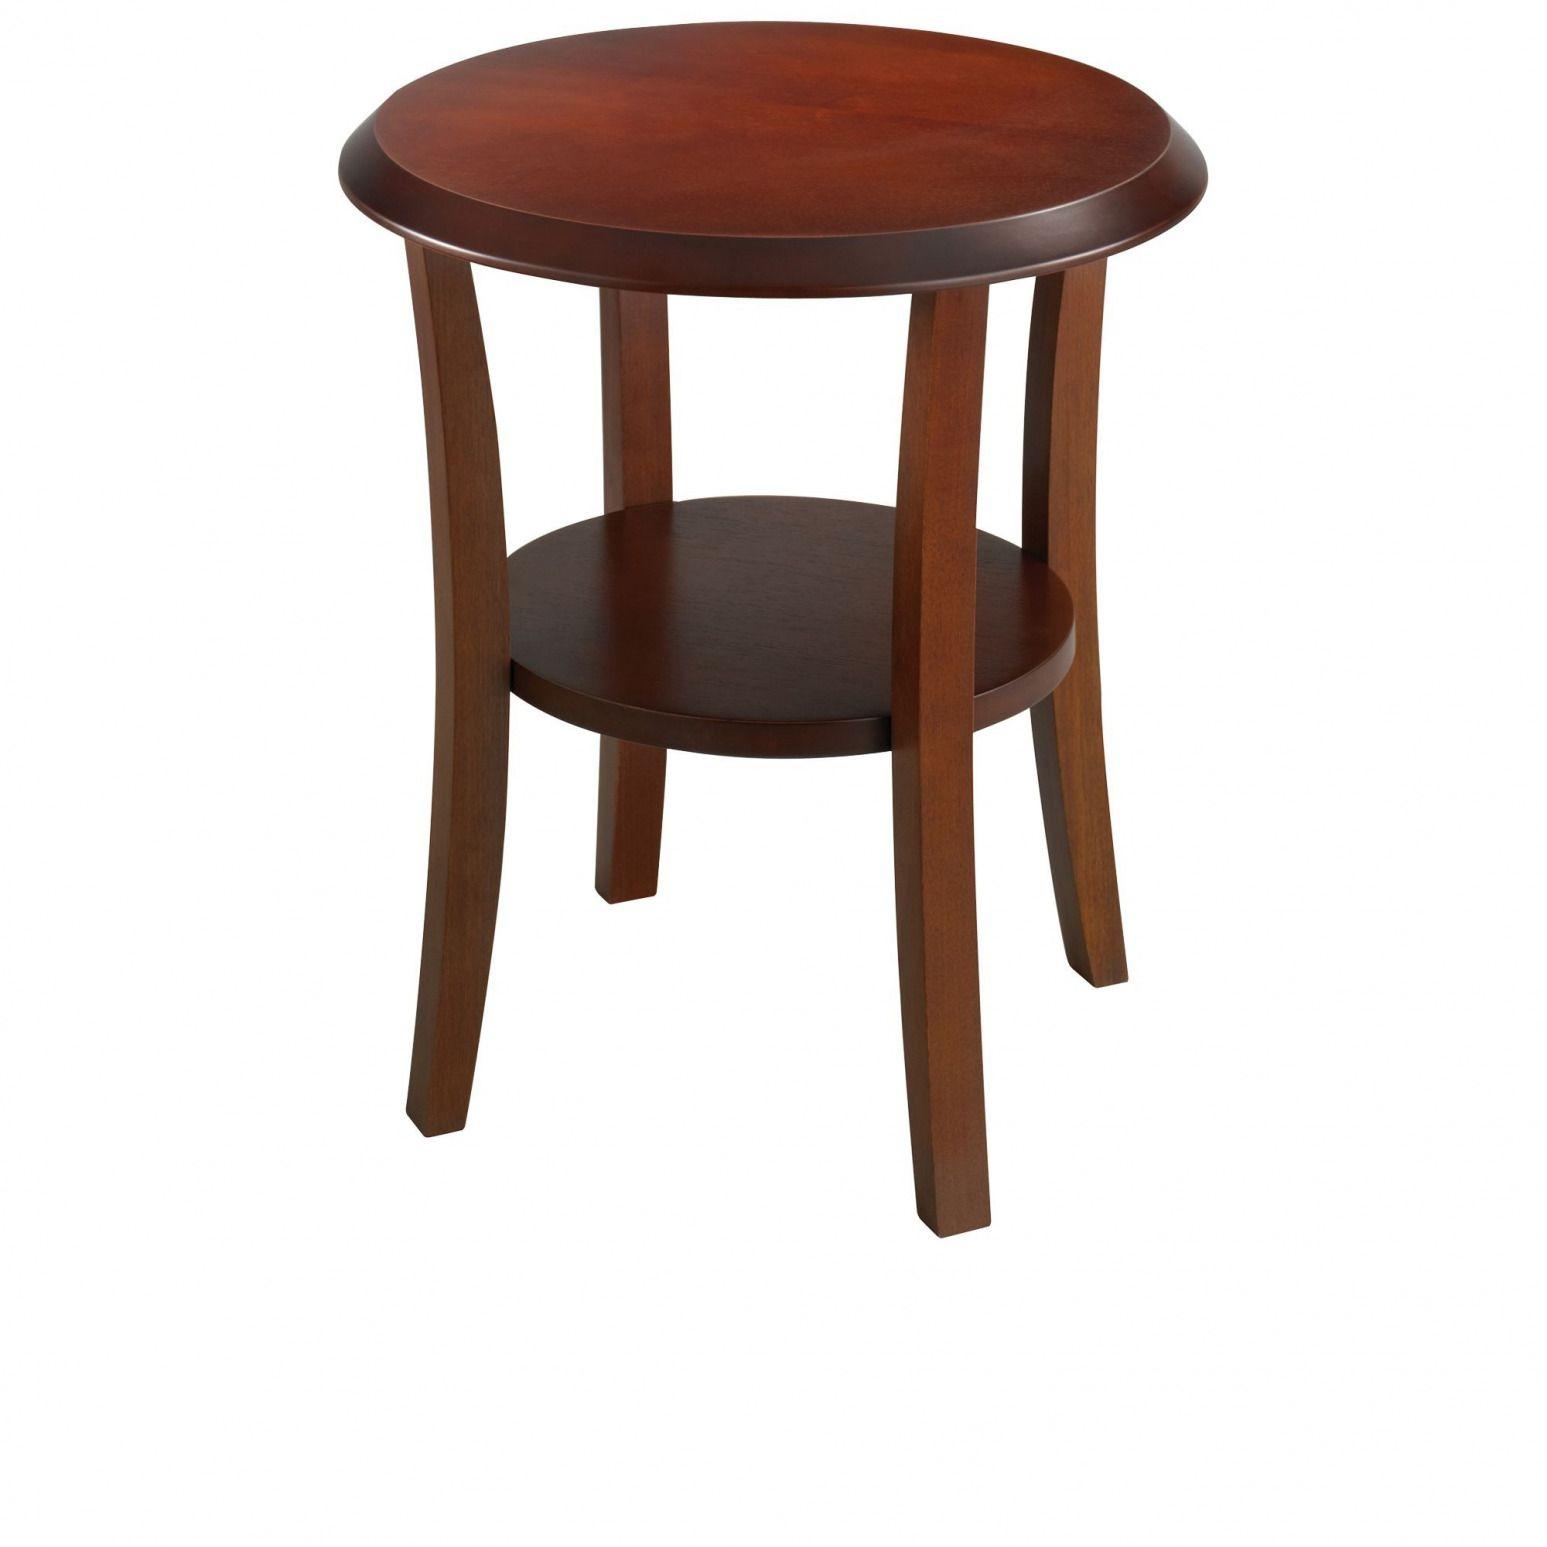 ab0d2abbfbd915870d4bc82db79b6331 Incroyable De Table Basse Ronde Avec Rangement Des Idées